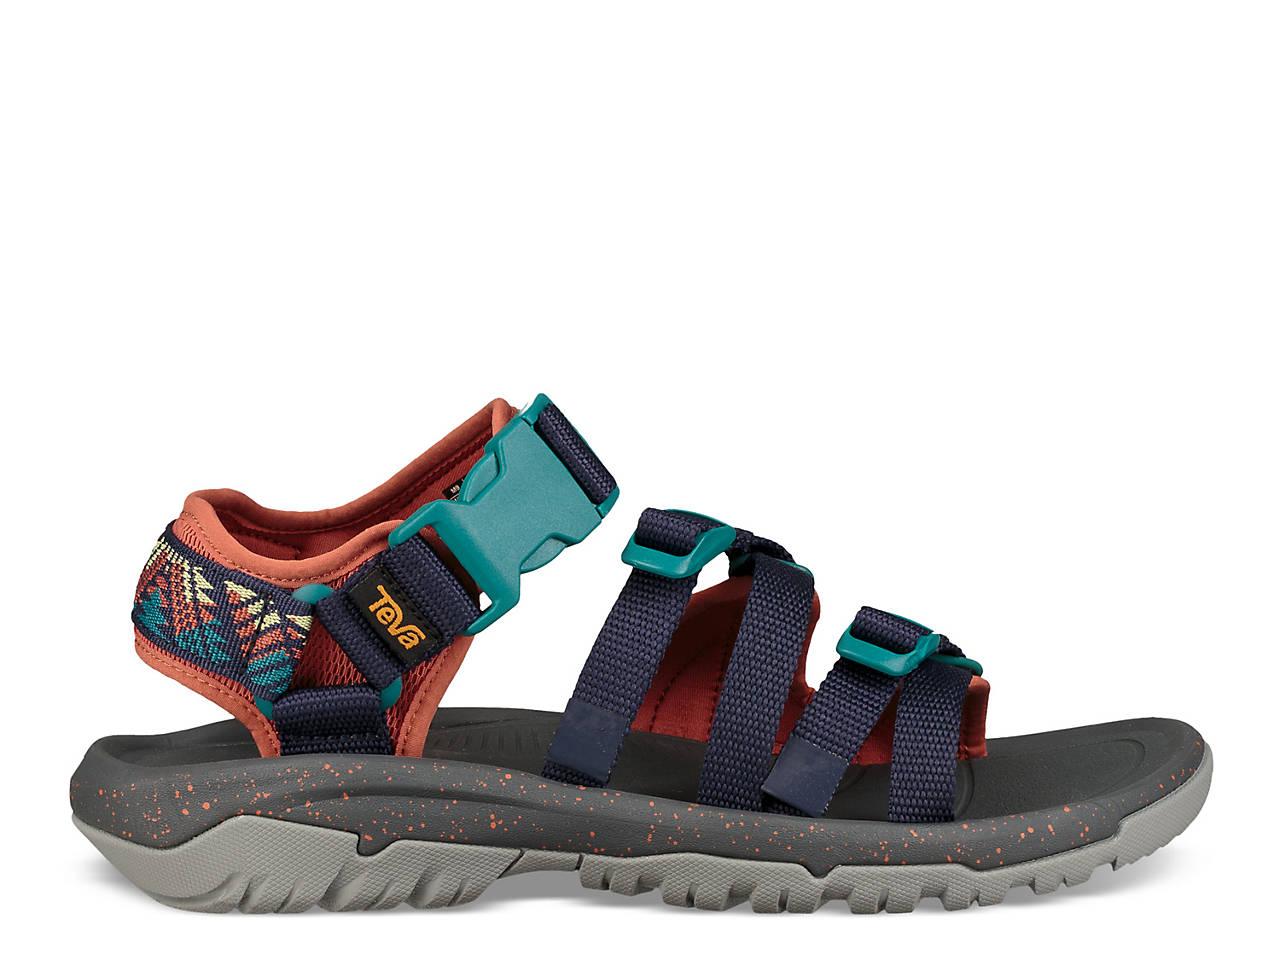 ba48d1af2 Teva Hurricane XLT2 Alp Sandal Men s Shoes